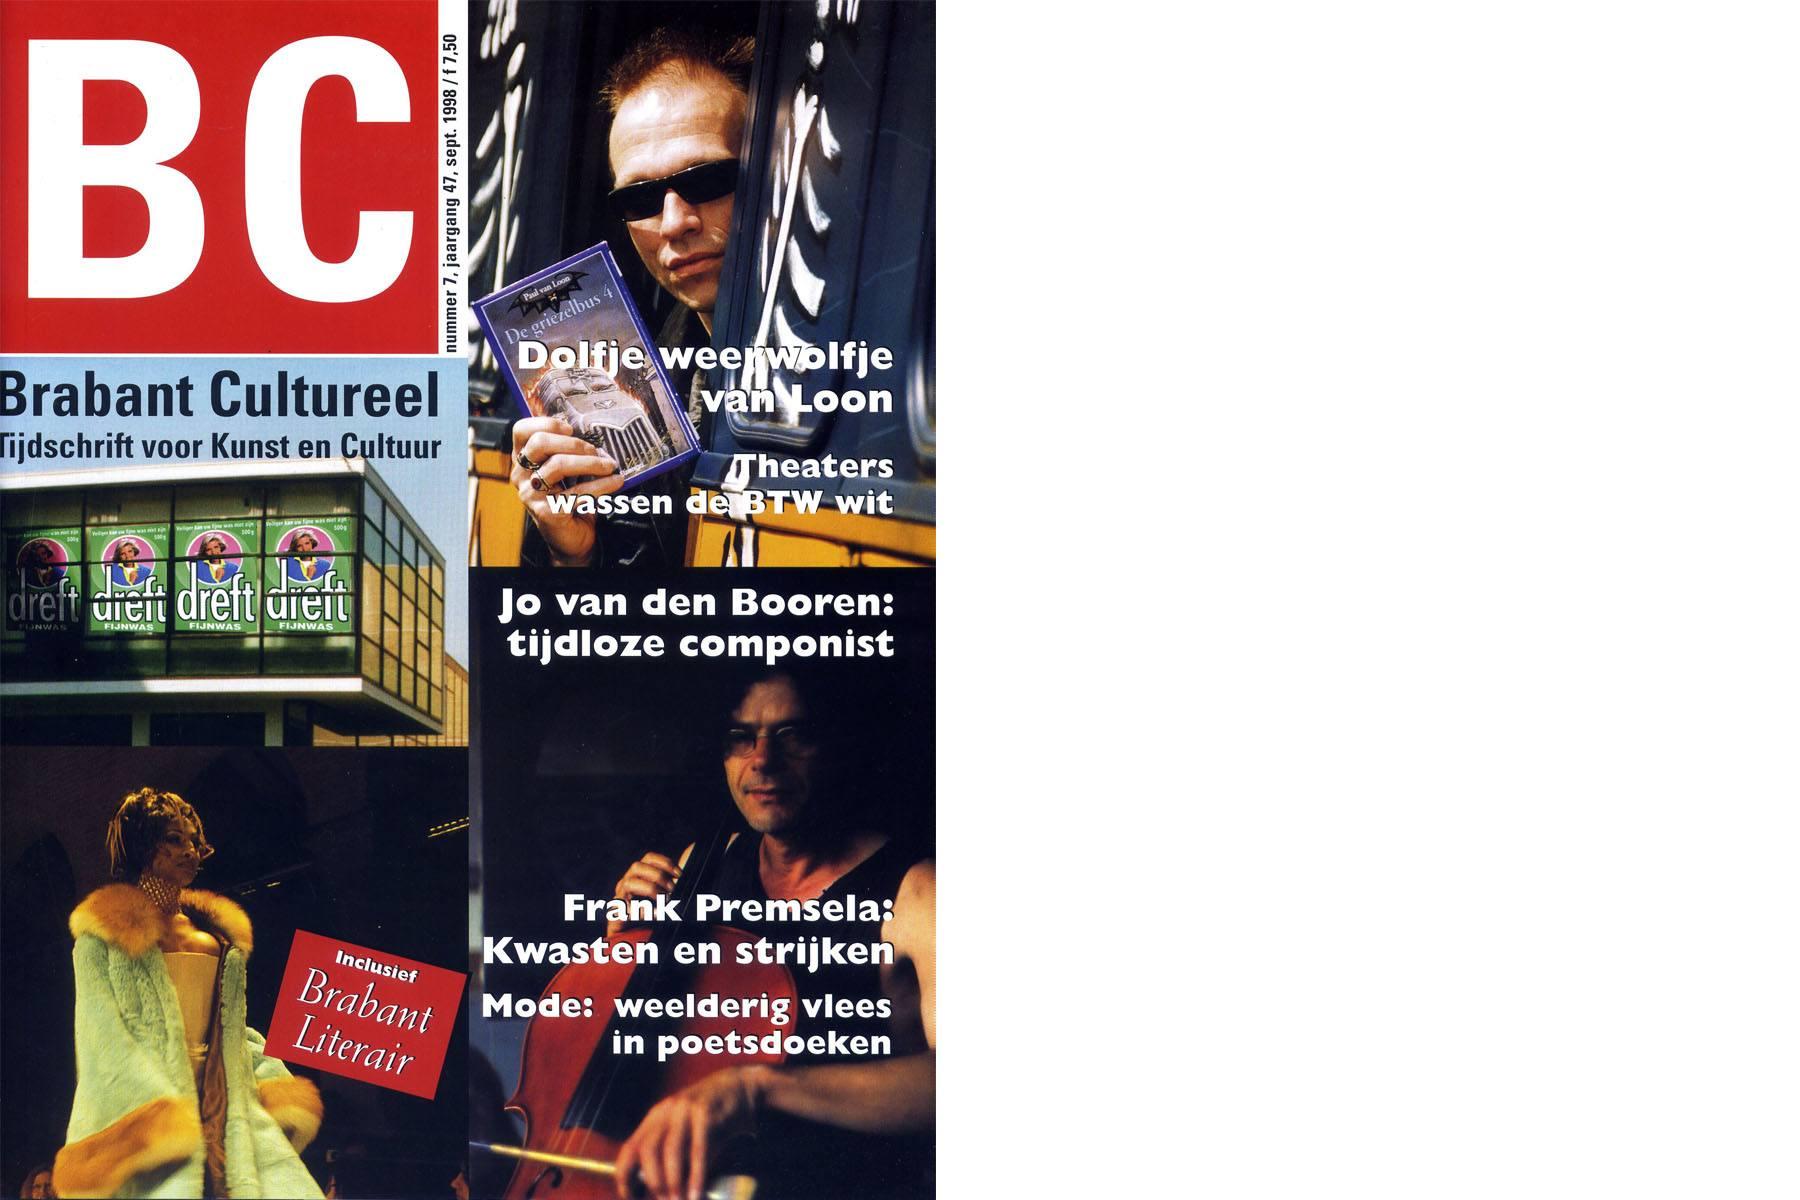 Brabant Cultureel - Tijdschrift voor kunst en cultuur